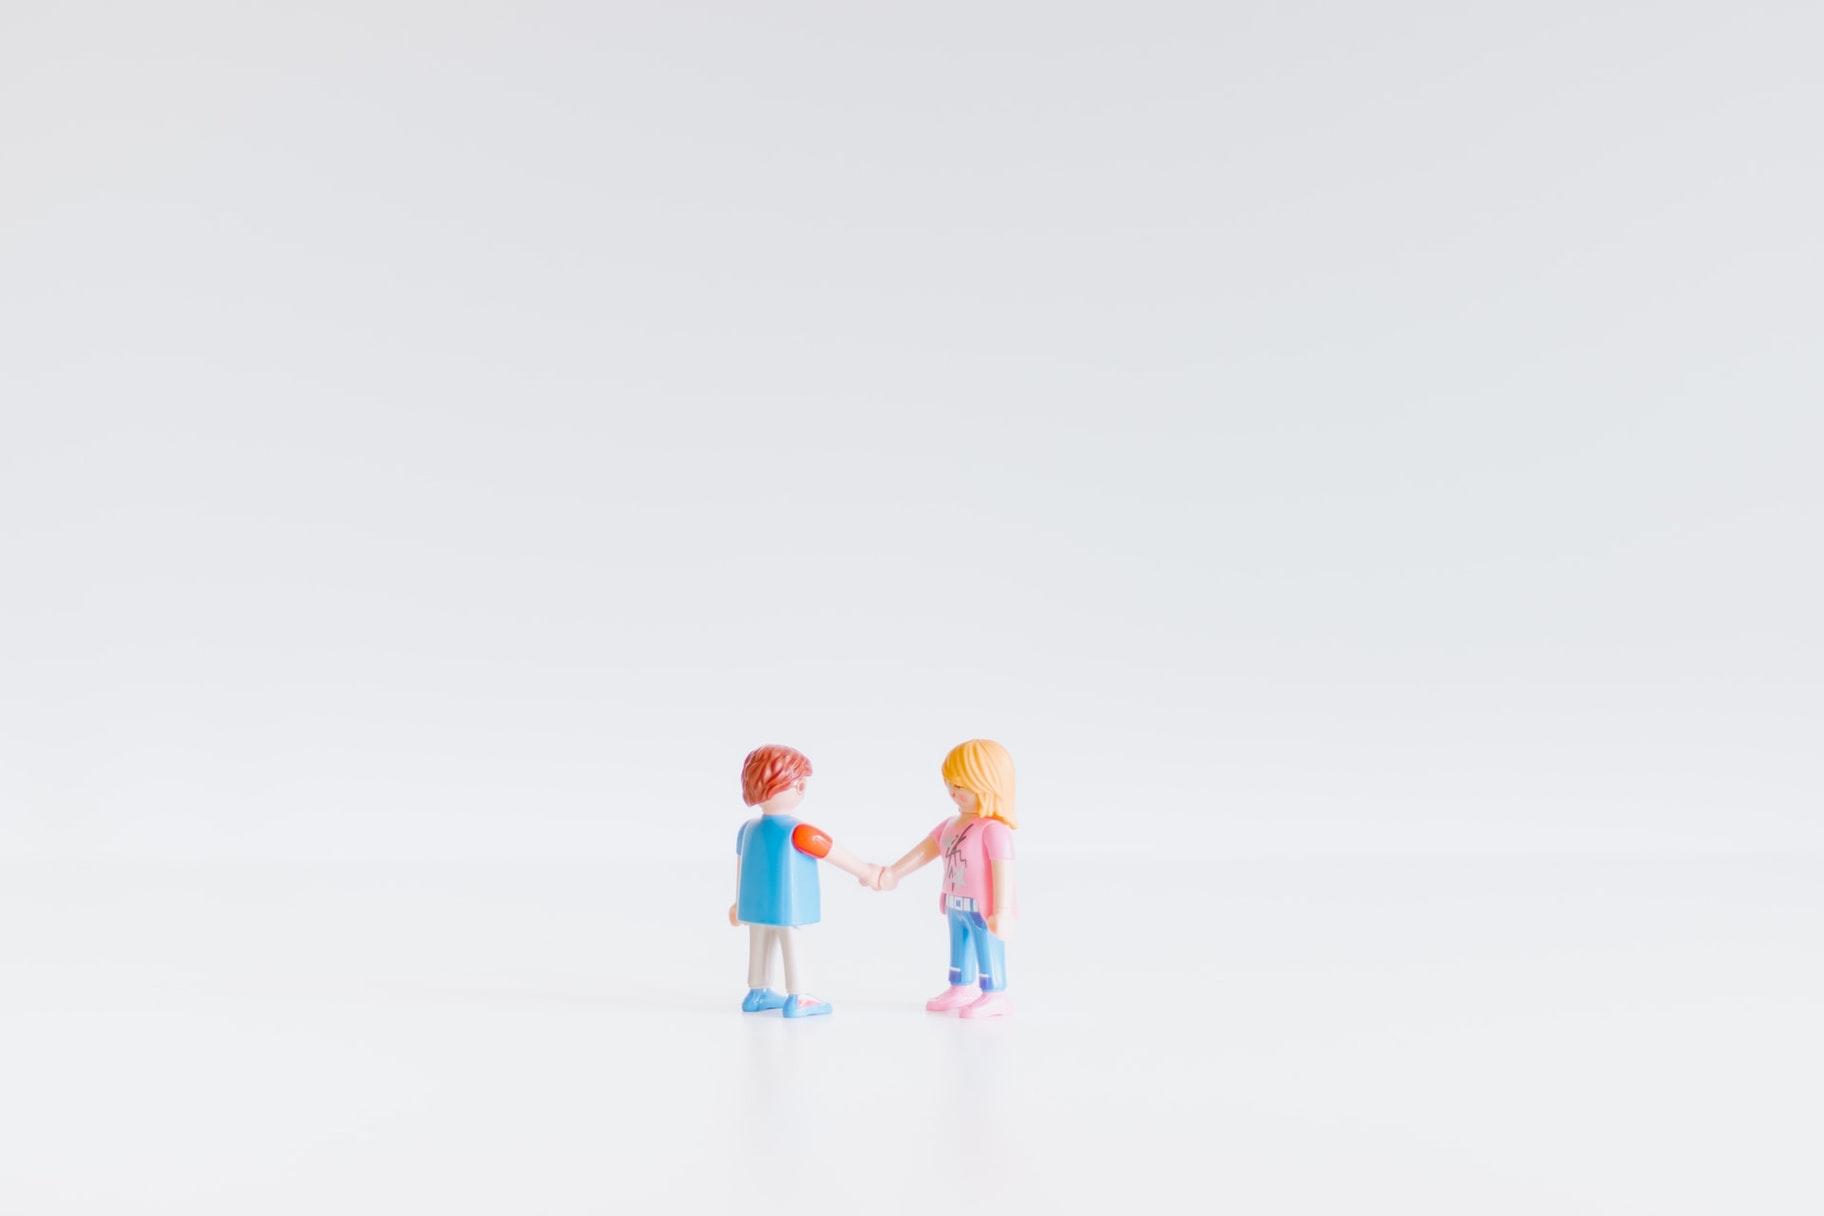 lego handshake